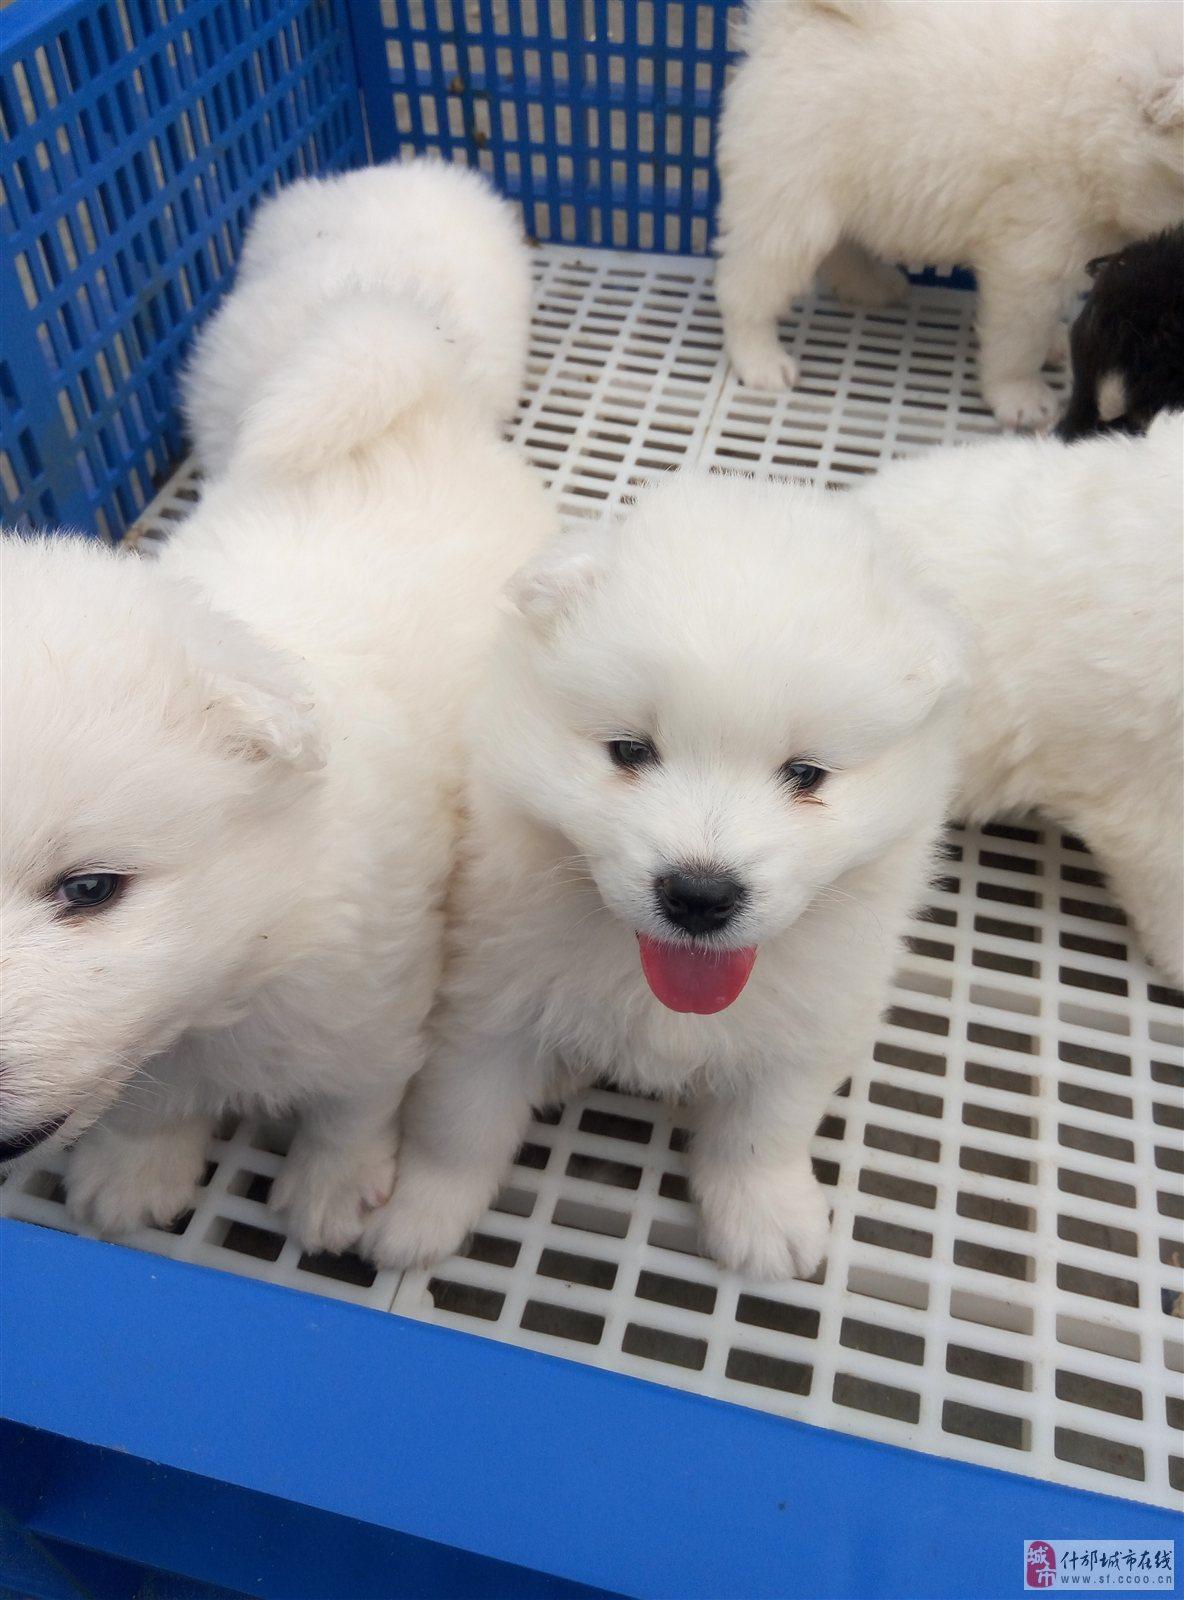 各类型的幼犬出售,泰迪熊,贵宾(白、黄、红棕,黑,巧克力,灰),比熊,吉娃娃,八哥,斗牛犬,博美,金毛寻回犬,拉布拉多犬,萨摩耶,阿拉斯加雪橇犬等各种宠物犬,没打过任何兴奋剂,刺激性药物,纯家养。但因家养,出售情况要看狗狗的生产规律,如若喜欢狗狗,需要狗狗请致电。PS:还可对外提供种公犬配种~~~~~~~~(注:买家若有疑问请致电询问)提供各类种狗配种,家庭养殖,不含激素 联系我时请说明是在什邡城市在线看到的 同城交易请当面进行,以免造成损失。外地交易信息或者超低价商品请慎重,谨防上当受骗。